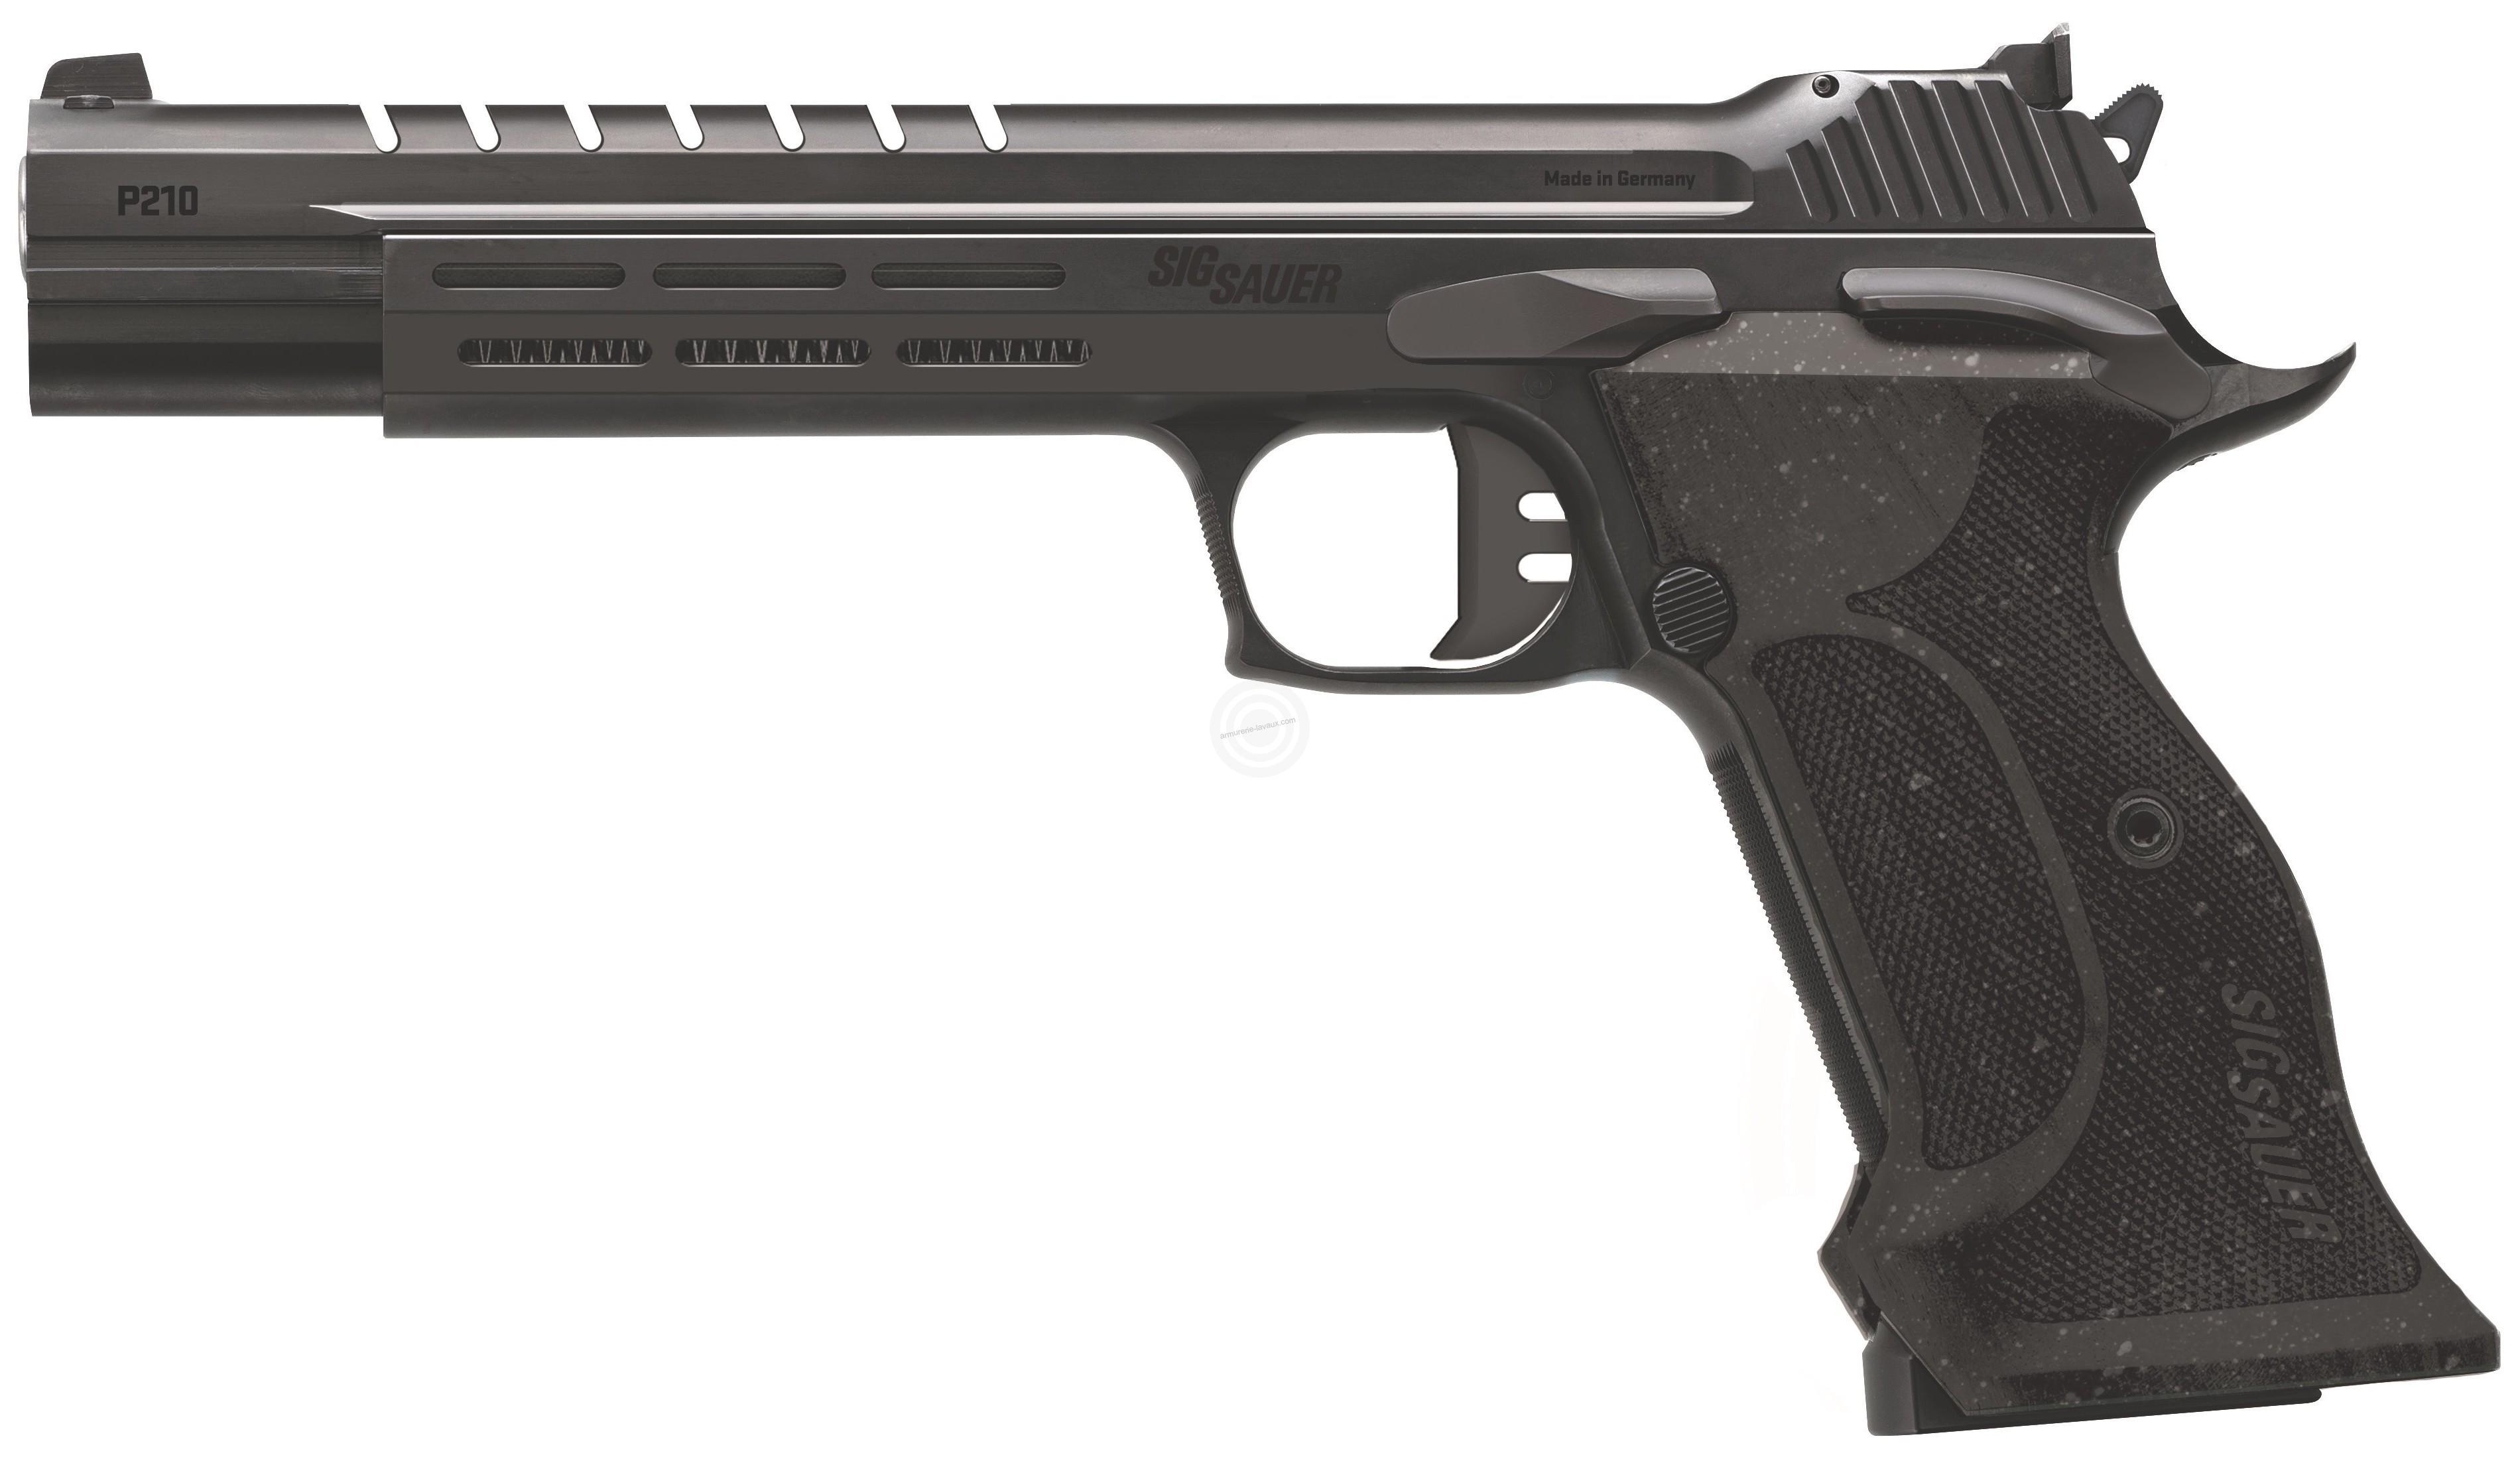 Pistolet SIG SAUER P210 Super Target SKELETON cal.9x19